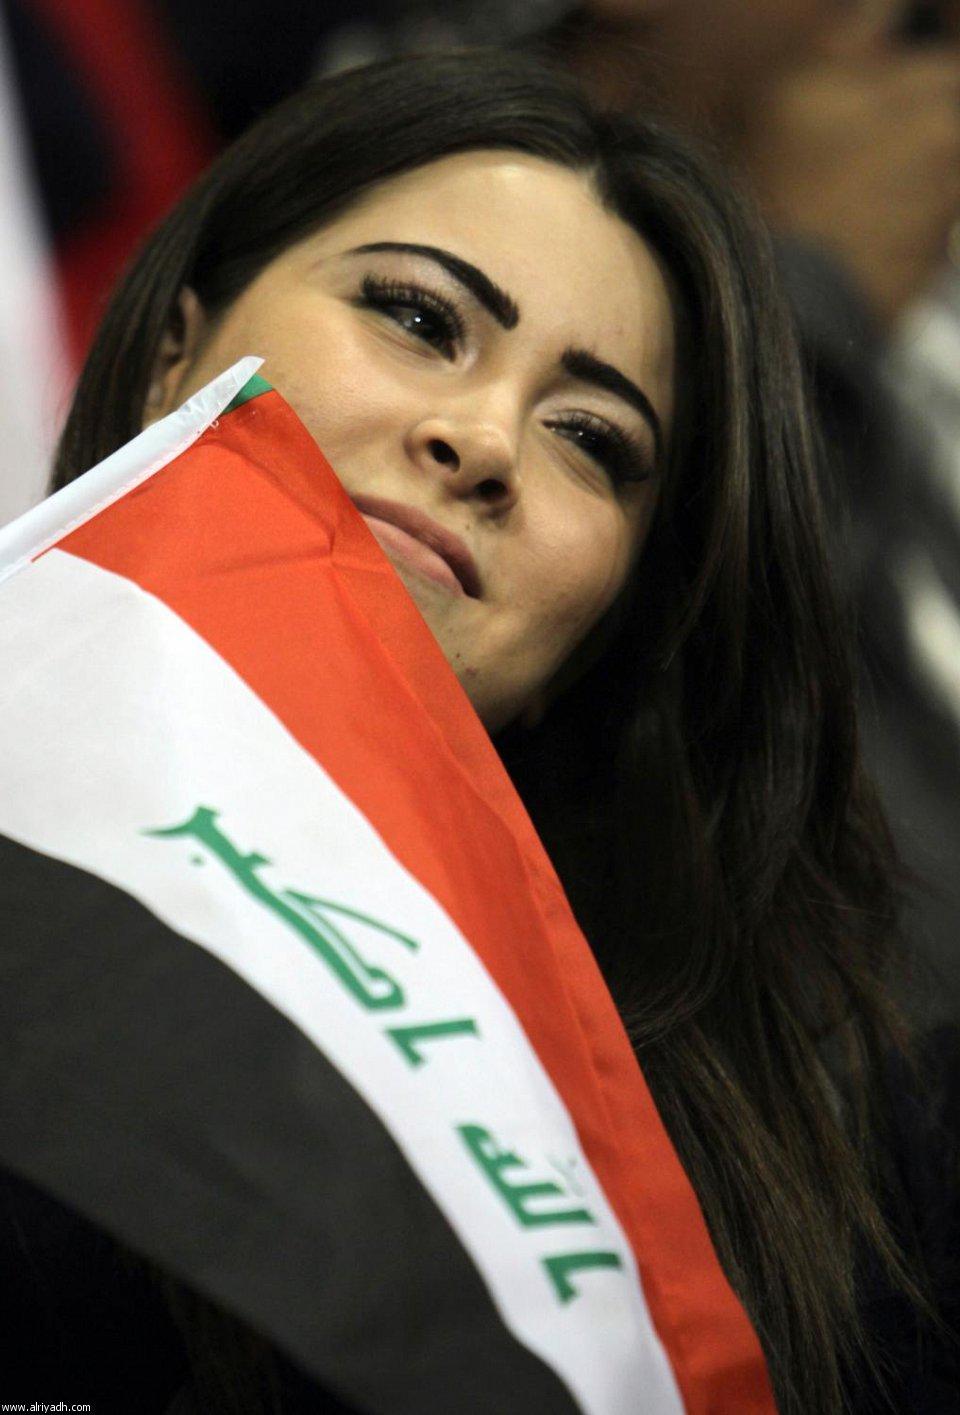 بالصور صور بنات عرب صور بنات خليجية احلي صور بنات عربية , لكل الفتيات الجميلات 4325 3